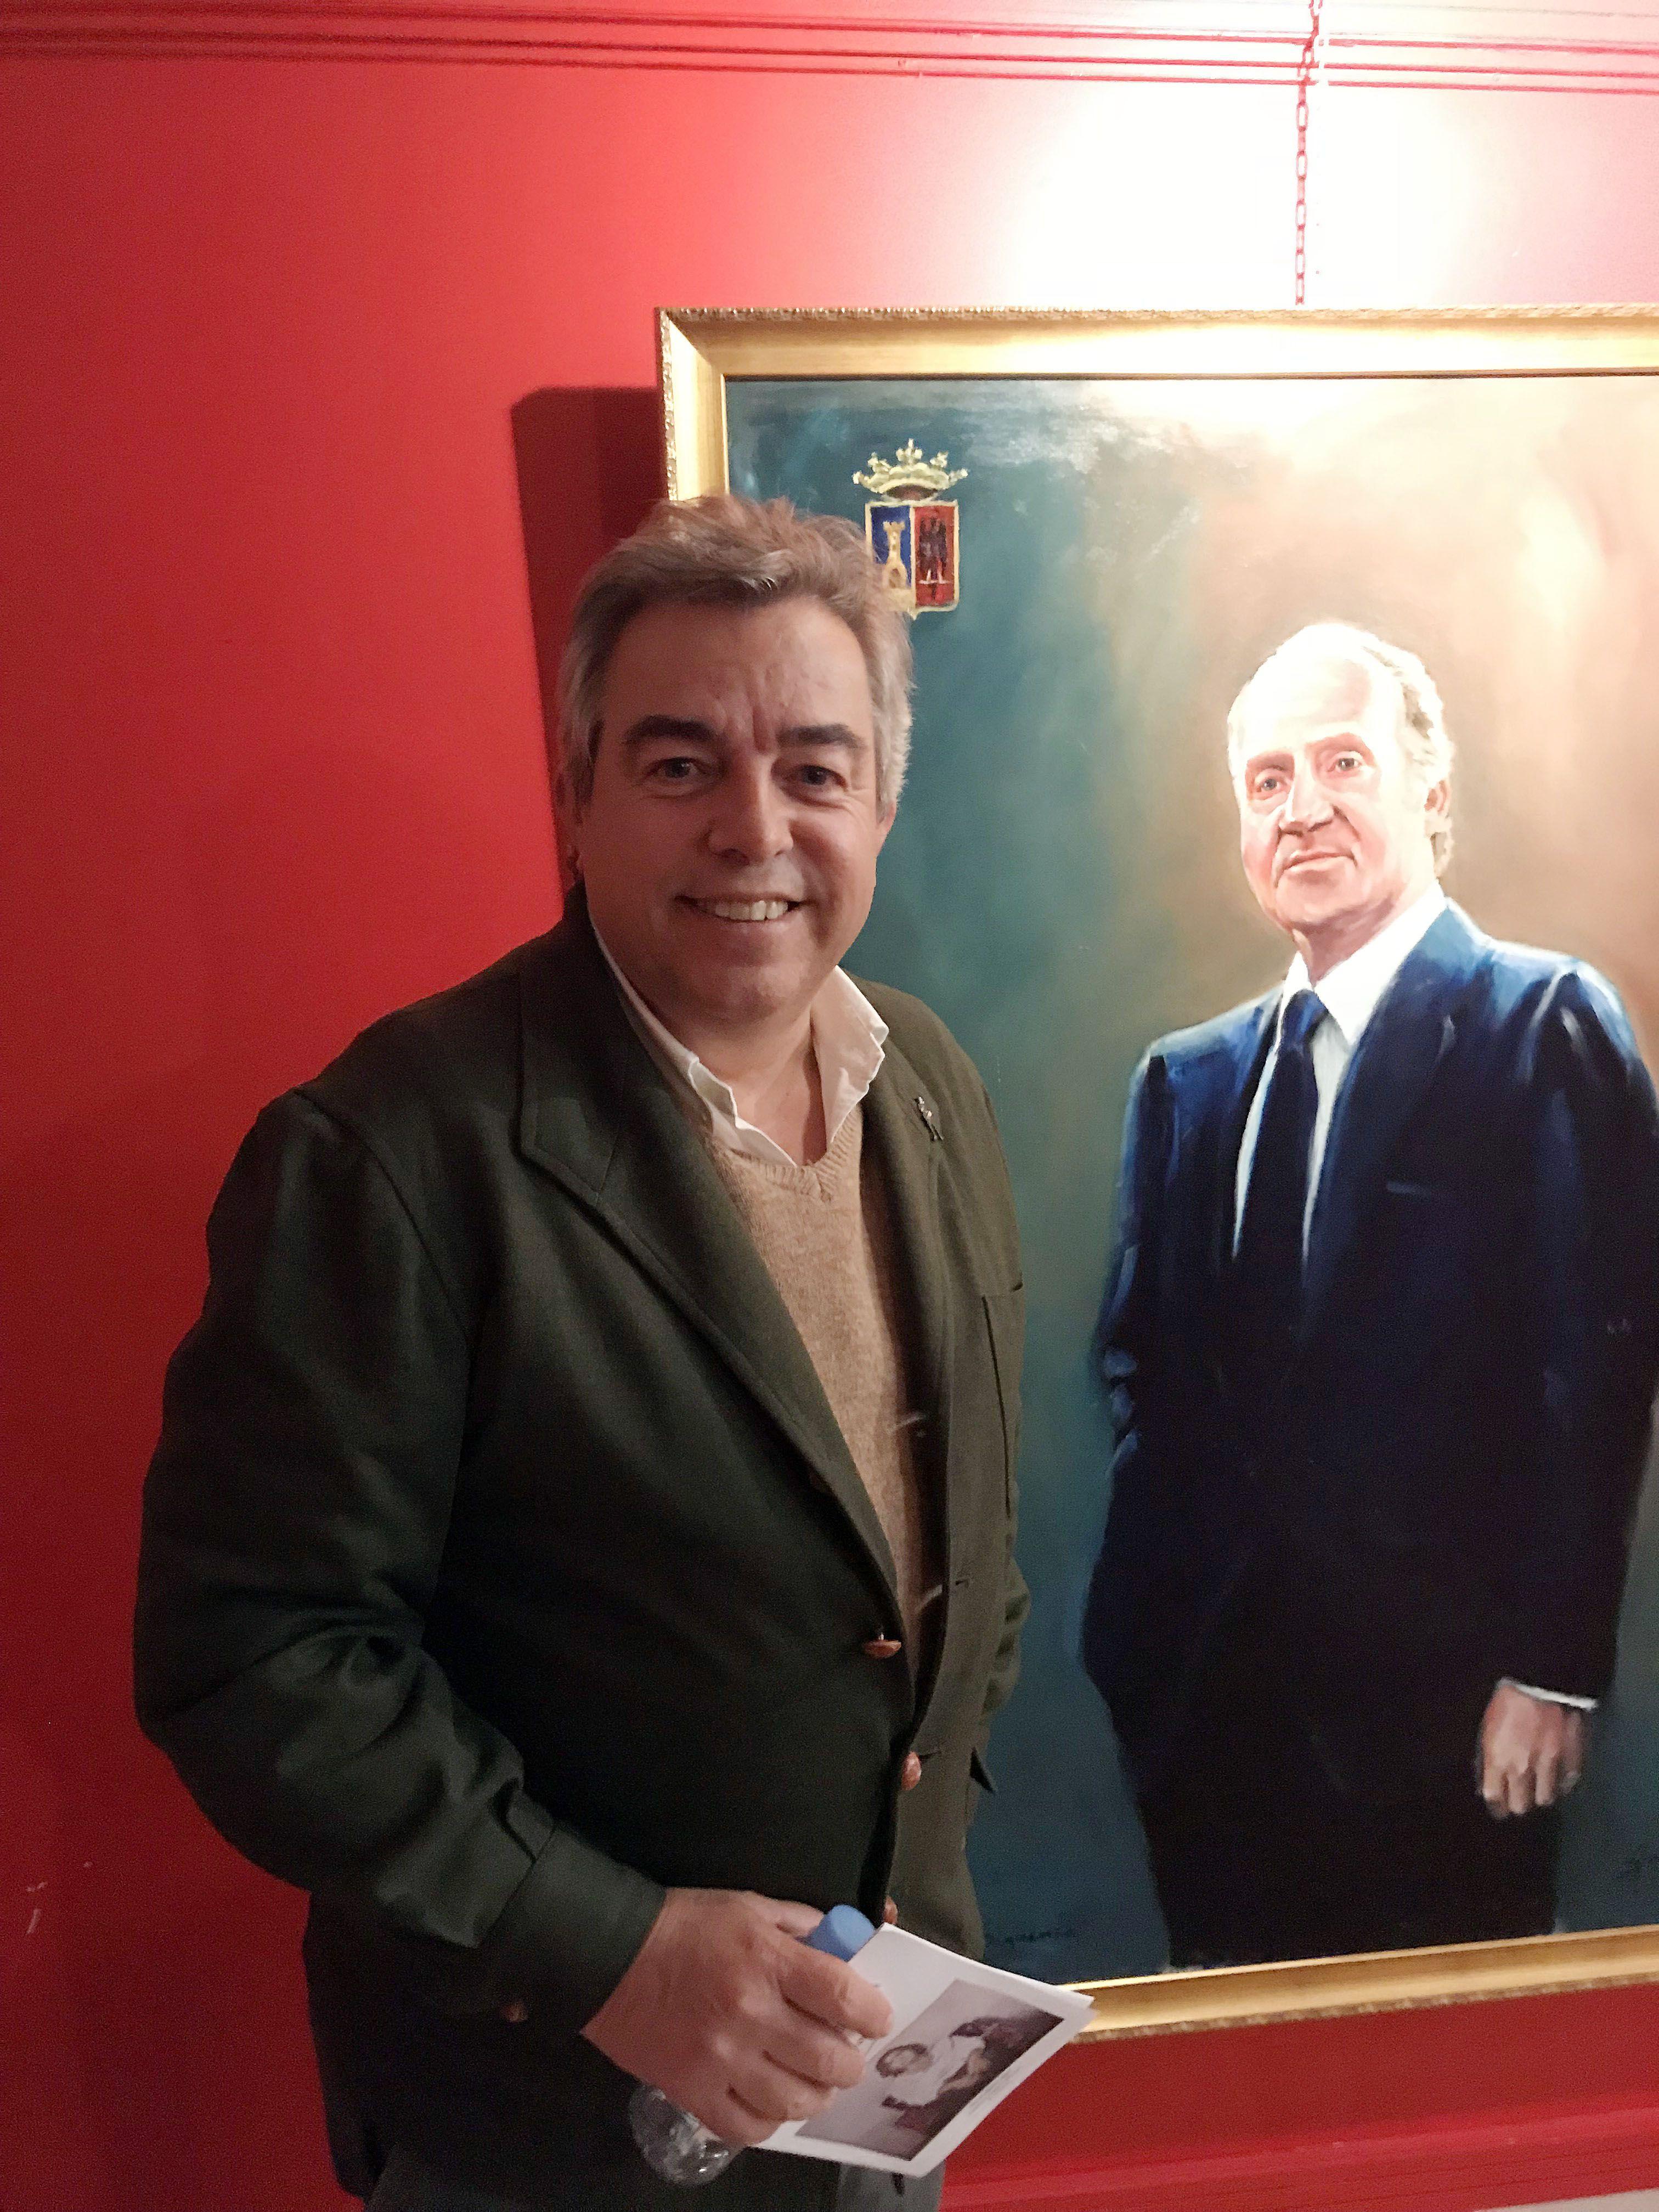 El pintor Emilio Fernández-Galiano donará esta primavera un retrato de Felipe VI al Ayuntamiento de Sigüenza